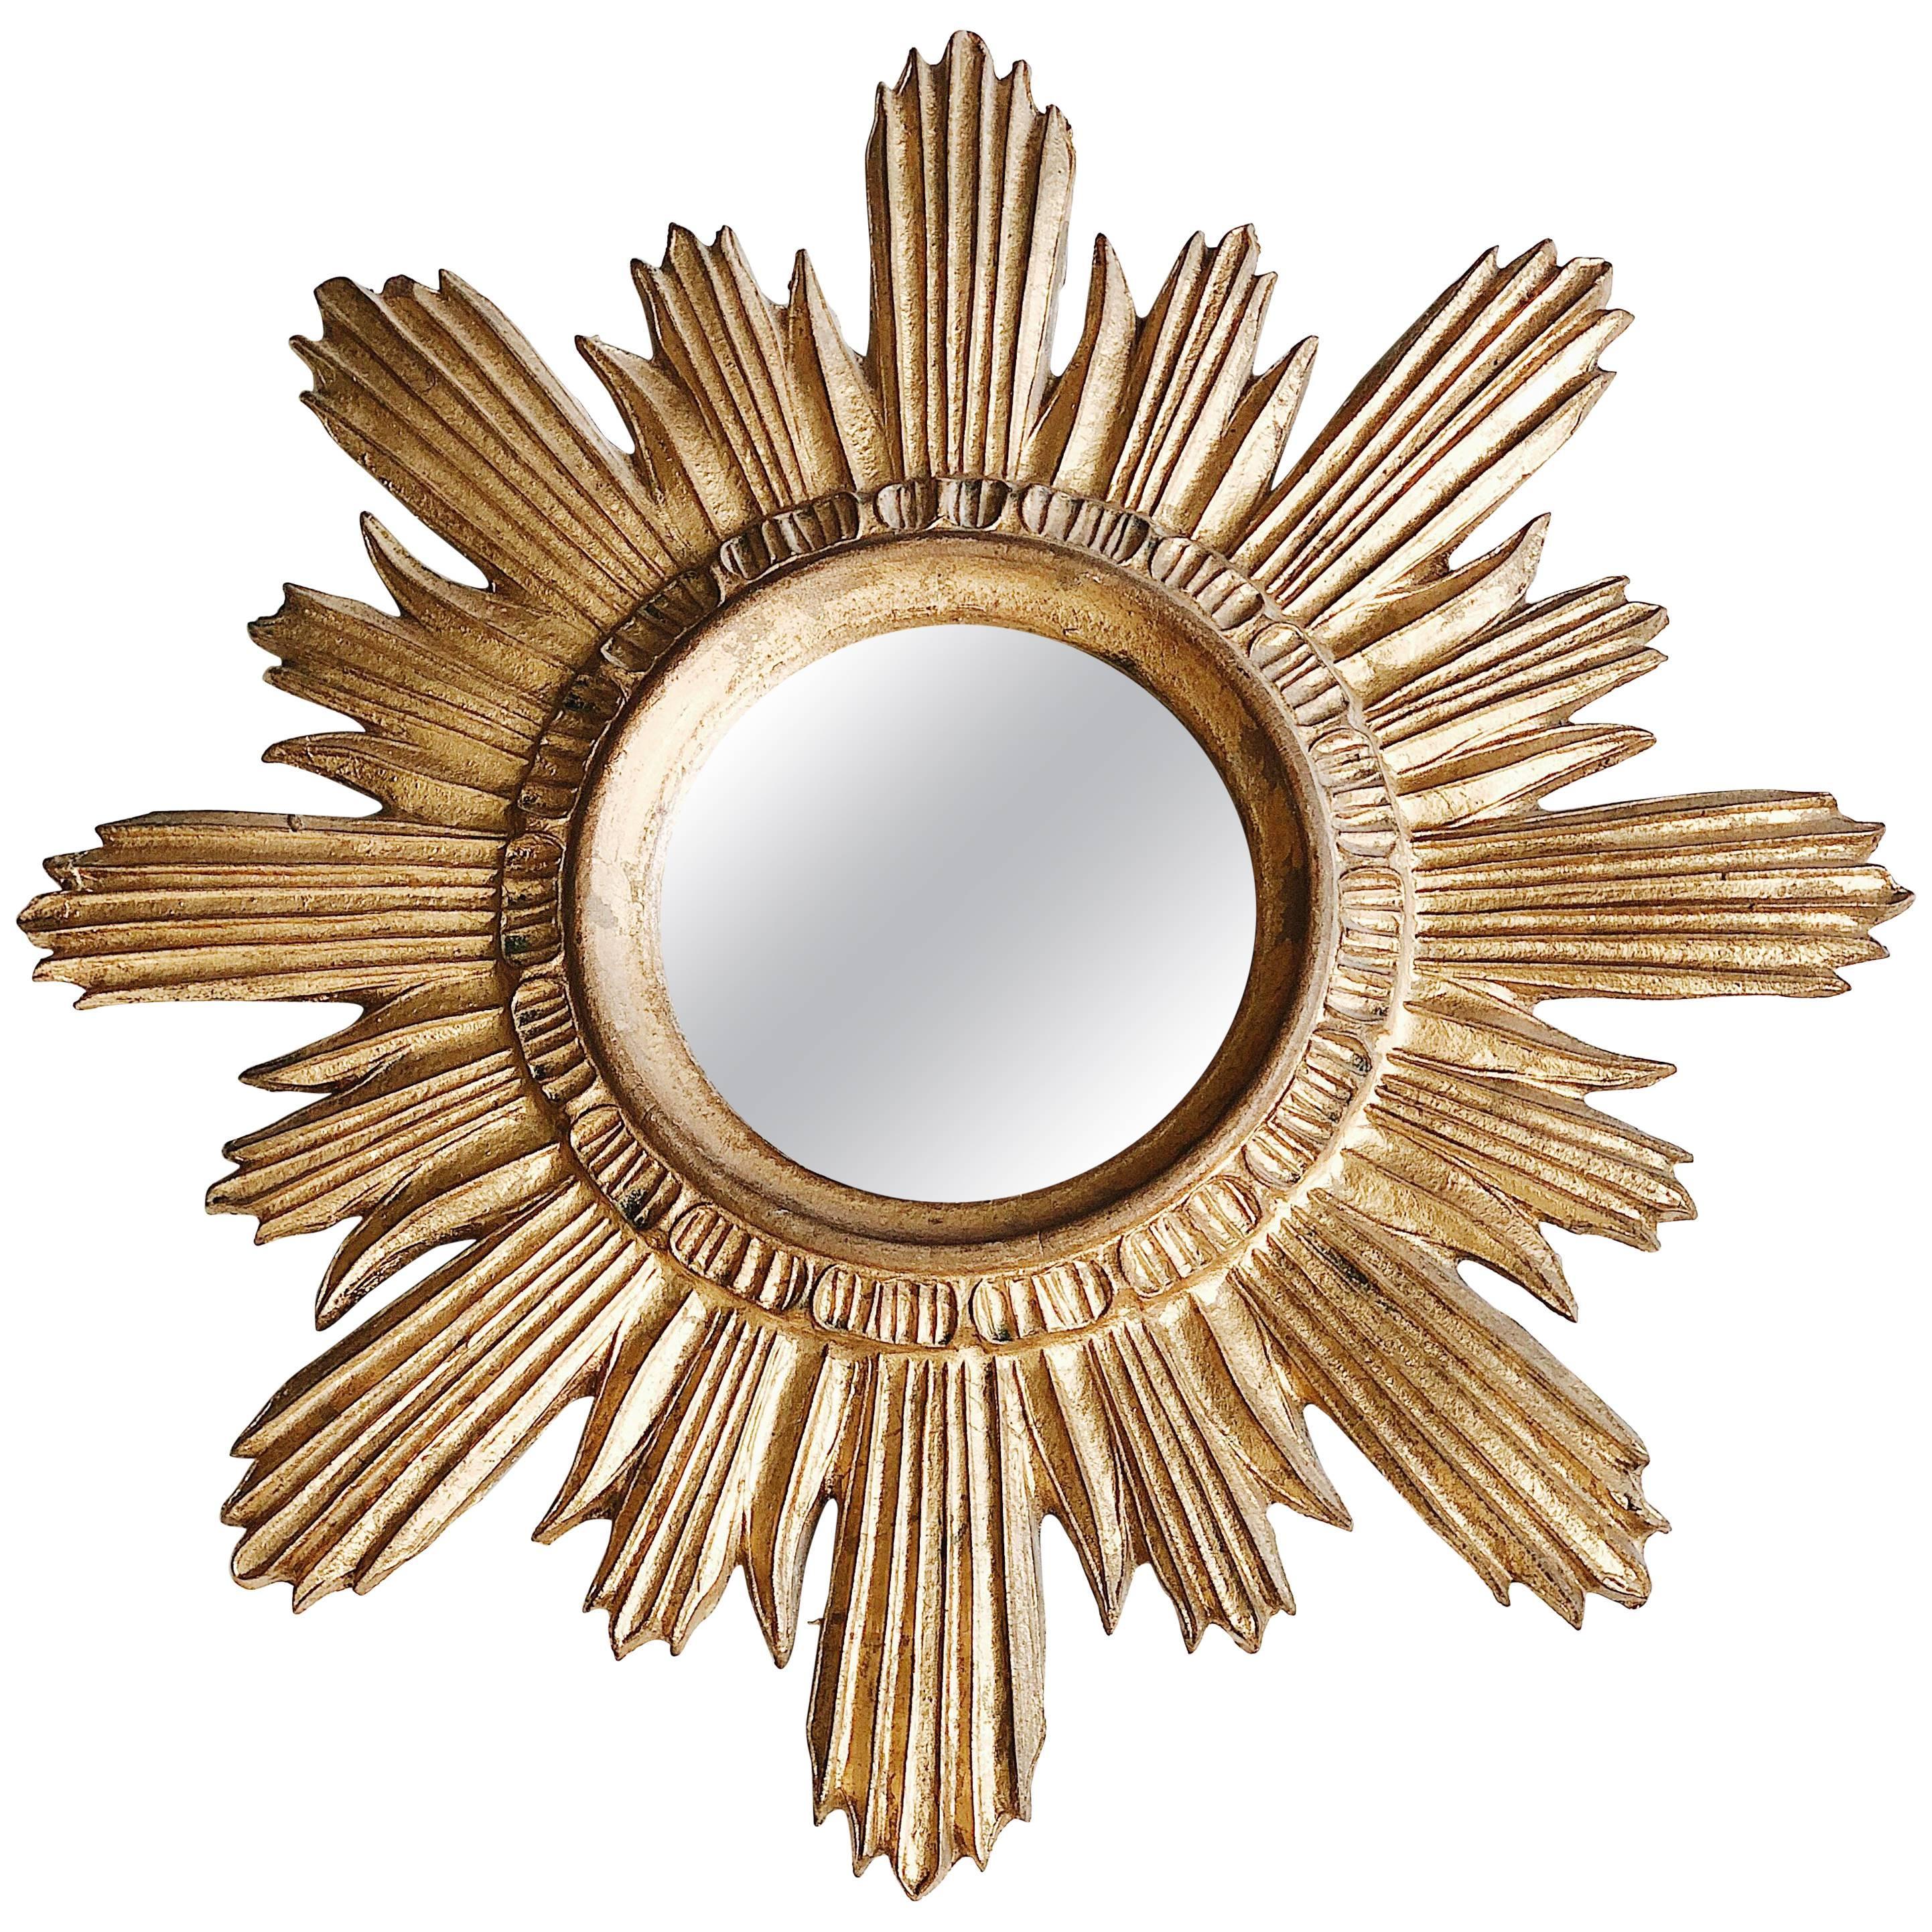 Mid-20th Century Gold Italian Sun Mirror, Giltwood, 1960s